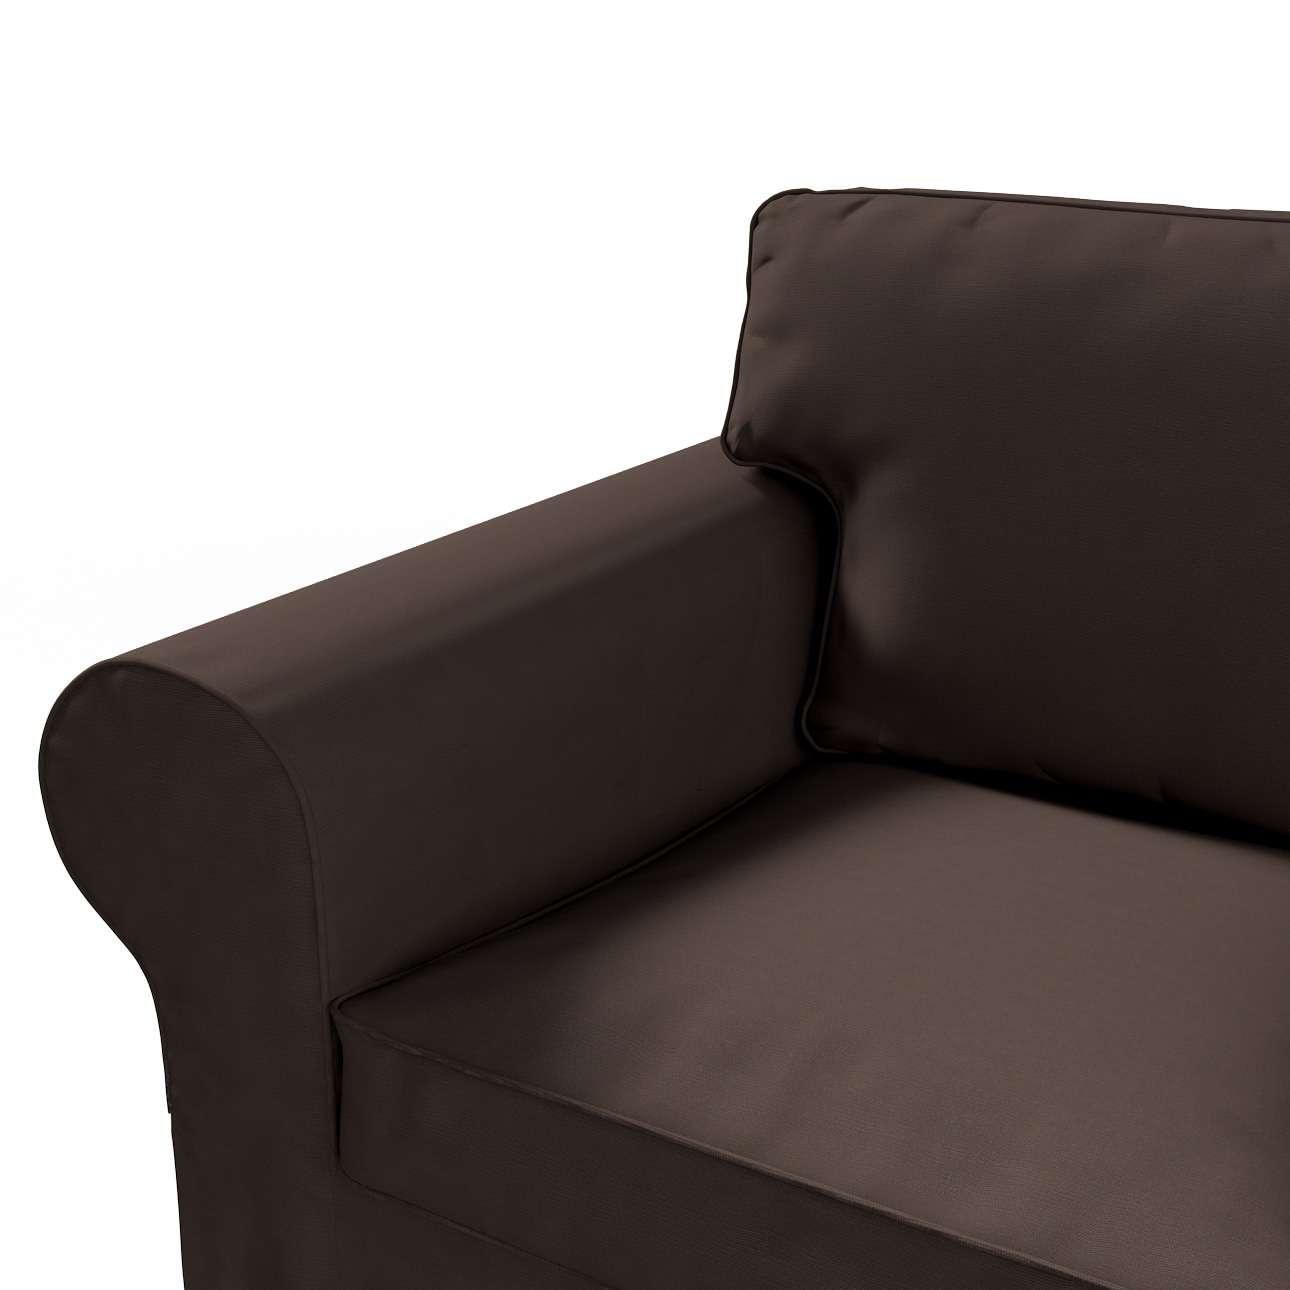 Ektorp 2-Sitzer Schlafsofabezug  NEUES Modell  Sofabezug für  Ektorp 2-Sitzer ausklappbar, neues Modell von der Kollektion Cotton Panama, Stoff: 702-03